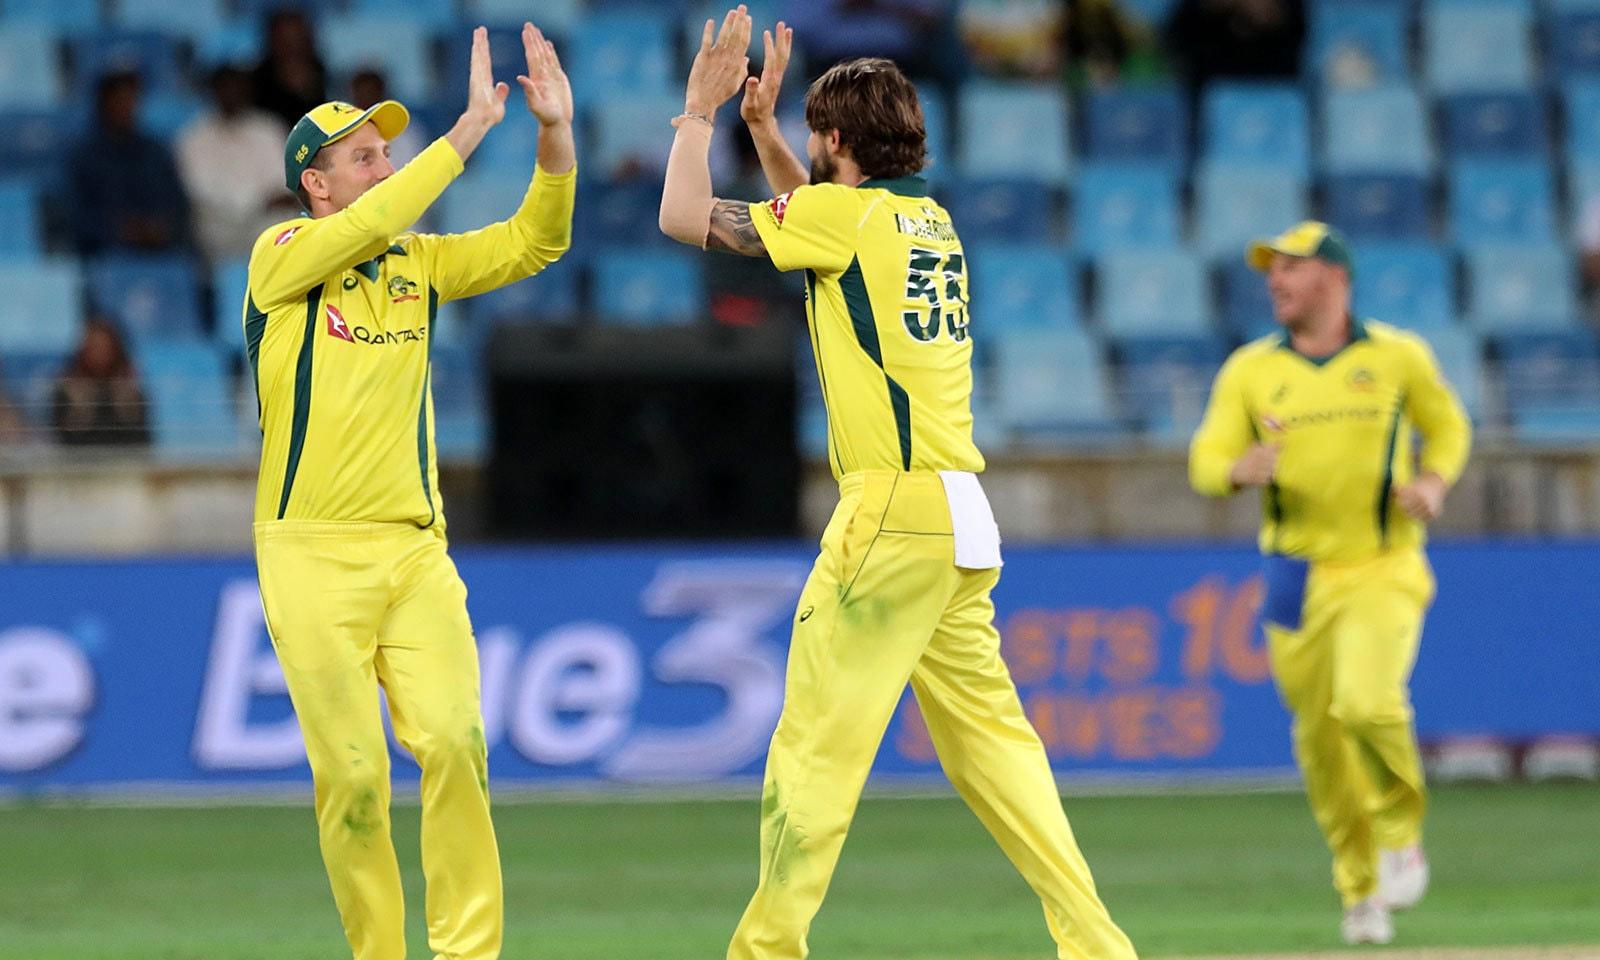 آسٹریلیا کے باوؐلرز نے پاکستانی بلے بازوں کو ہدف تک پہنچے سے باز رکھا—فوٹو: اے ایف پی